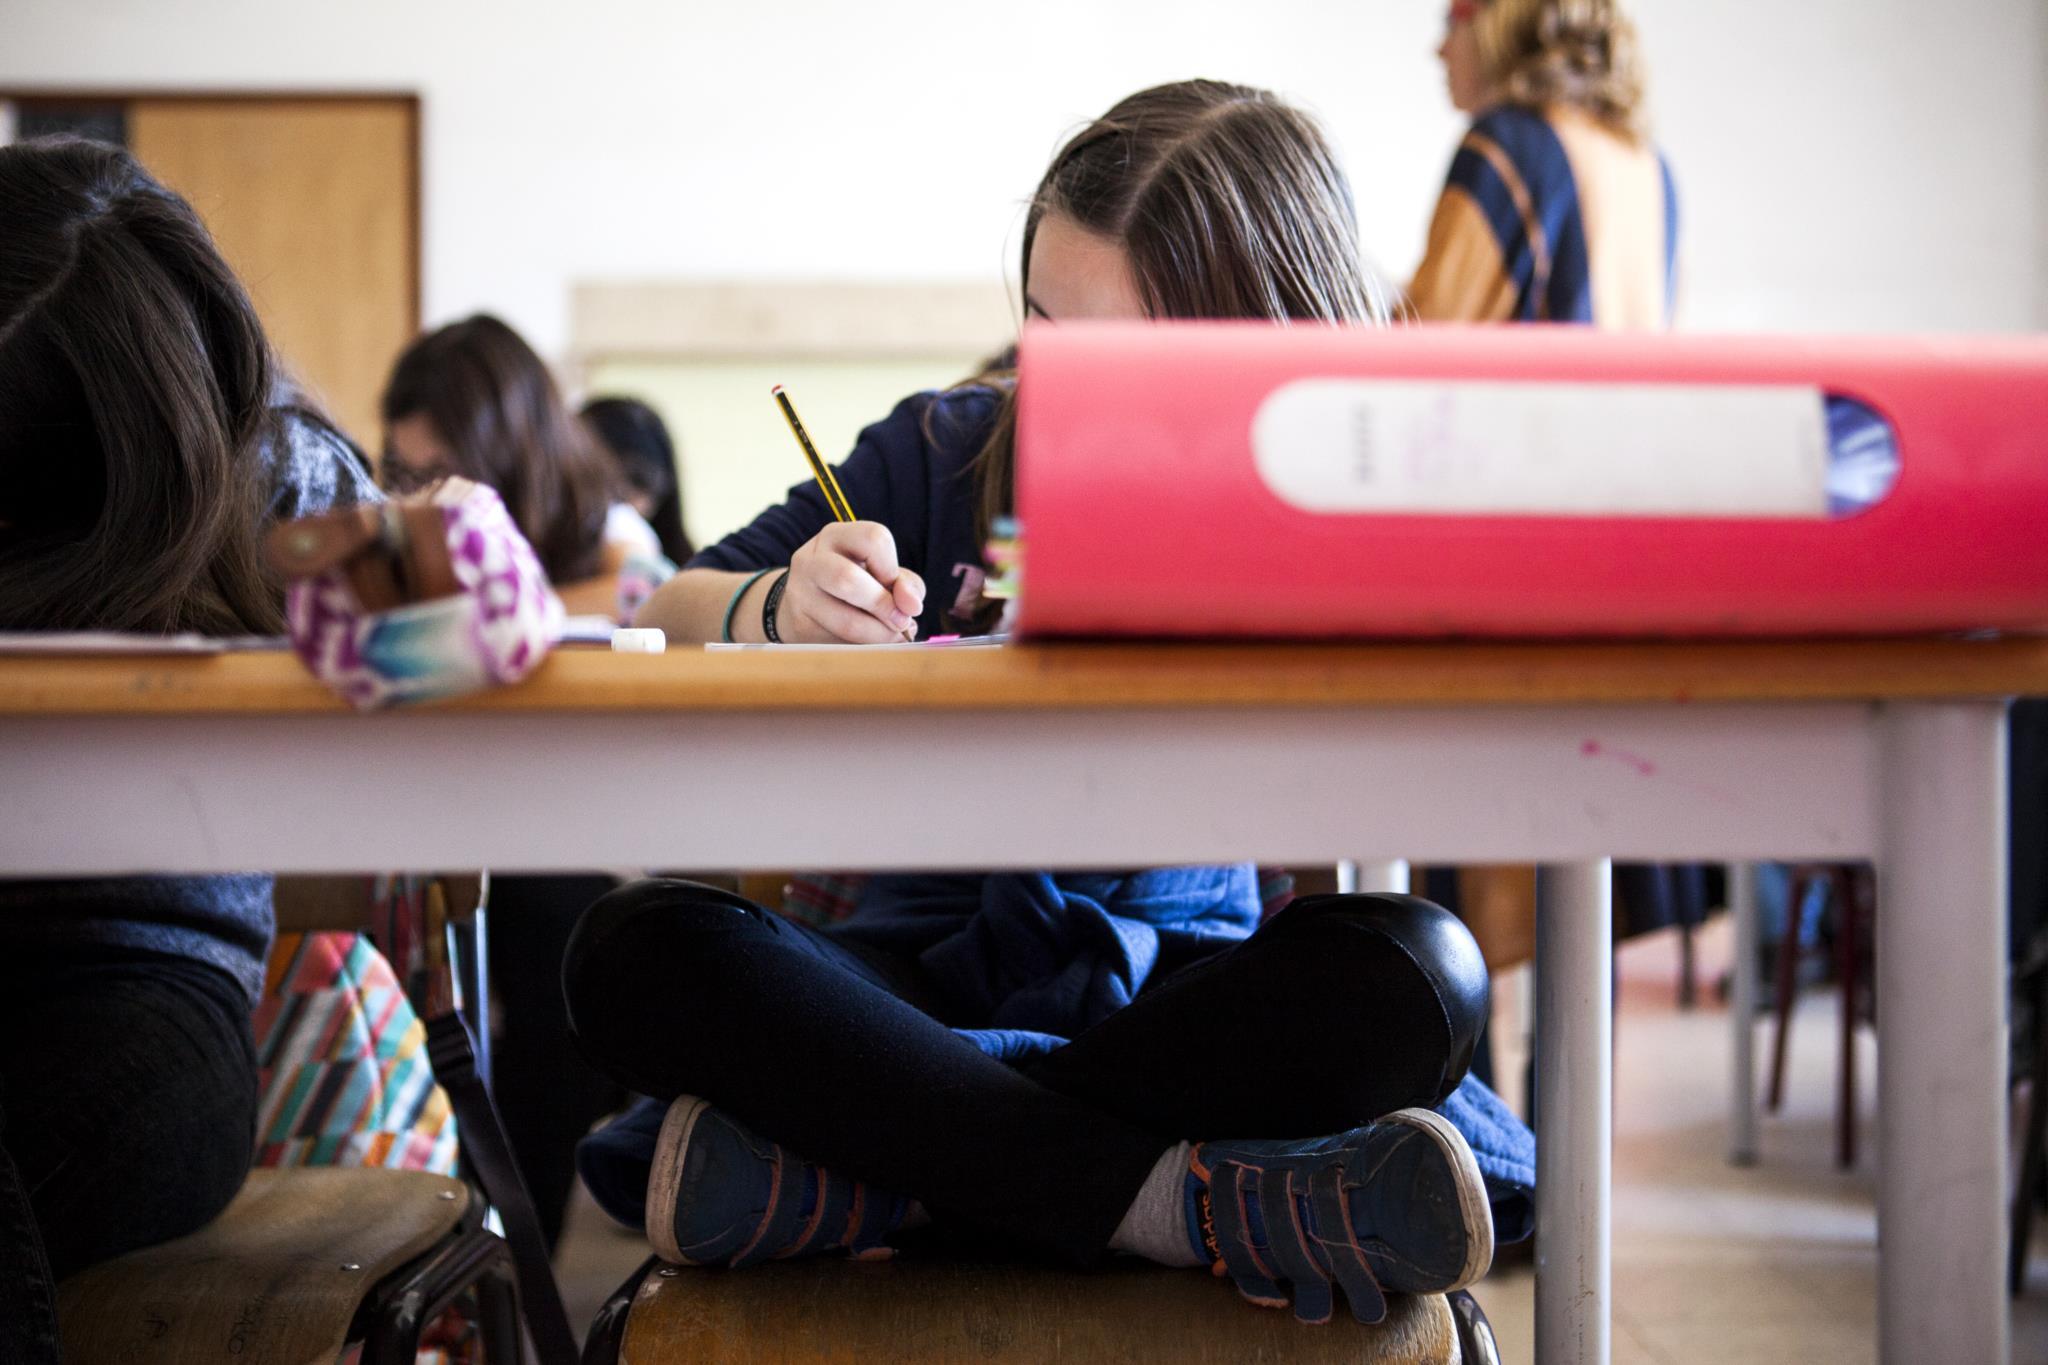 Escolas vão ter cinco horas por semana para inovar métodos de ensino